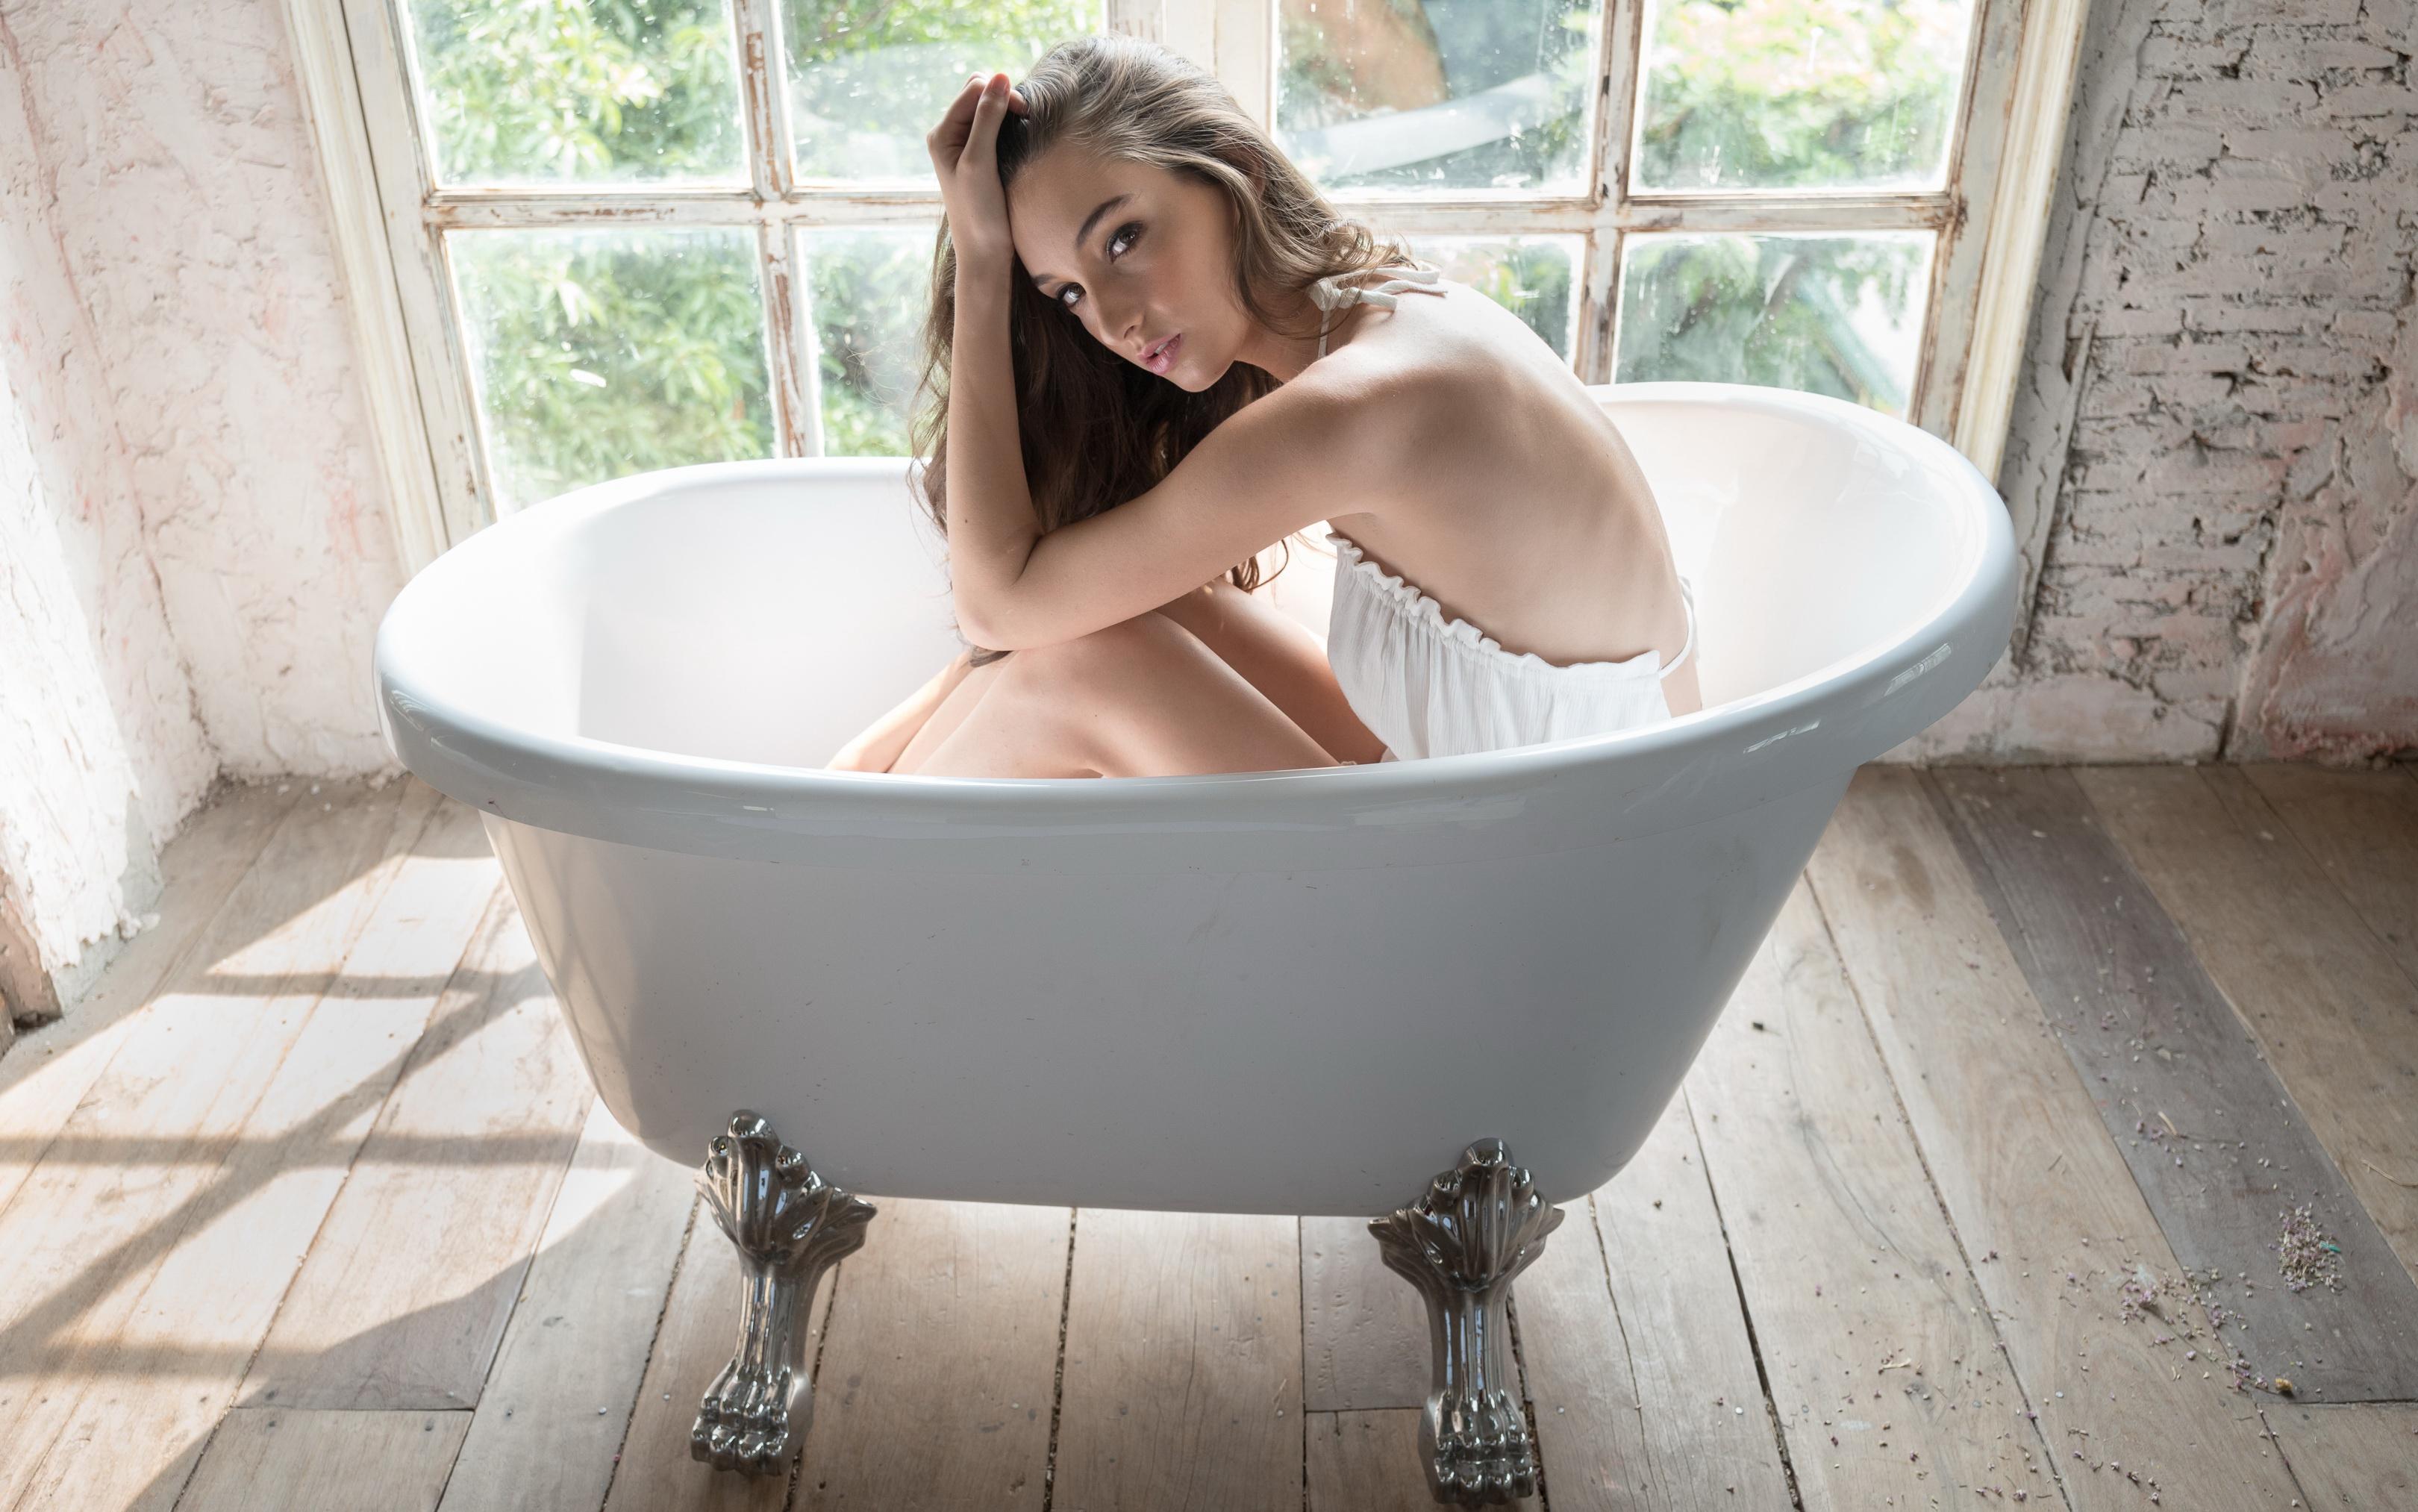 Фото в ванной в белье, Очаровательные девушки в ванной комнате и душе 11 фотография